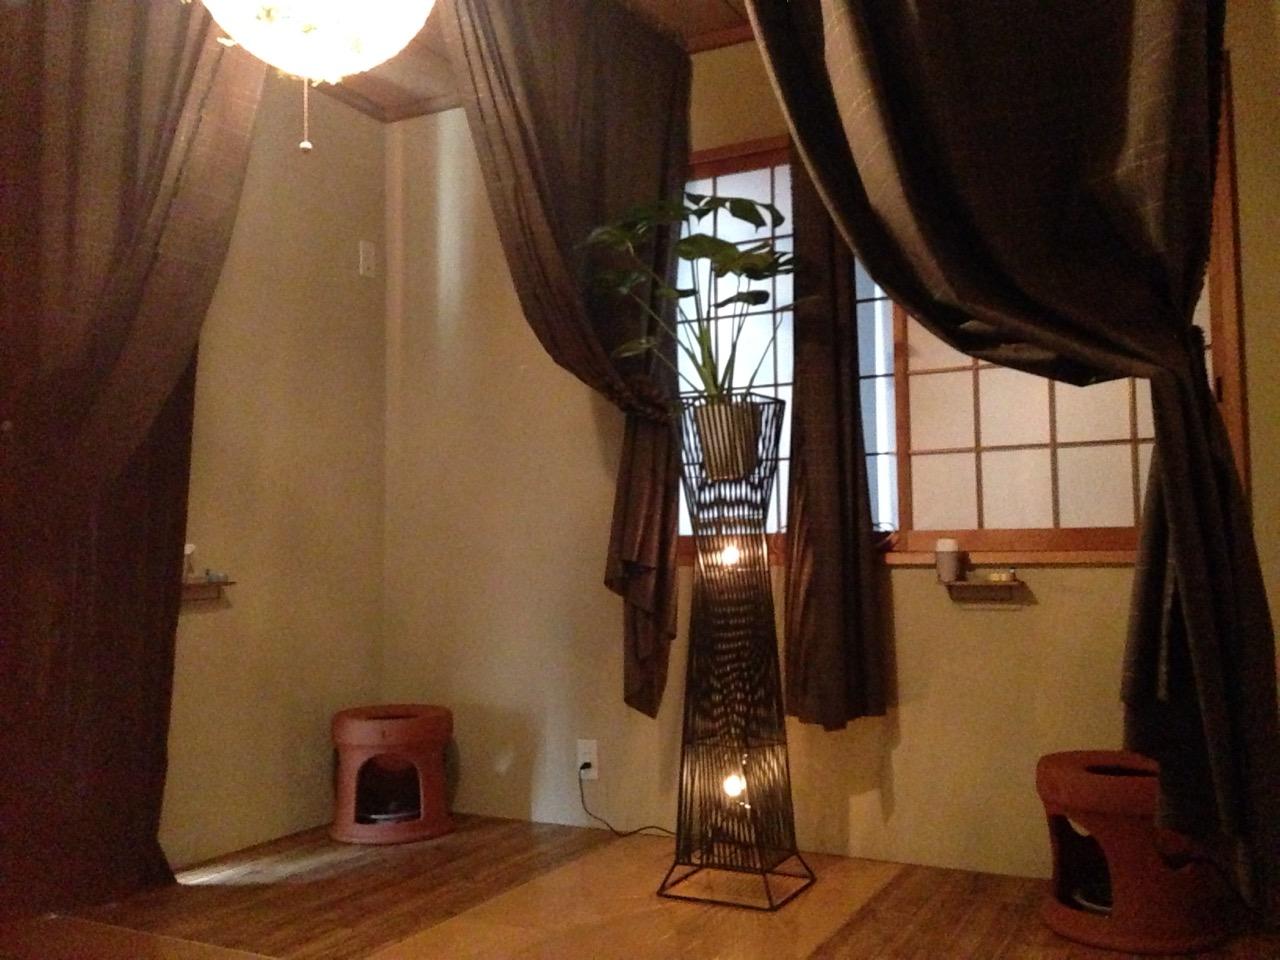 アジアンテイストな よもぎ蒸しのお部屋のイメージ